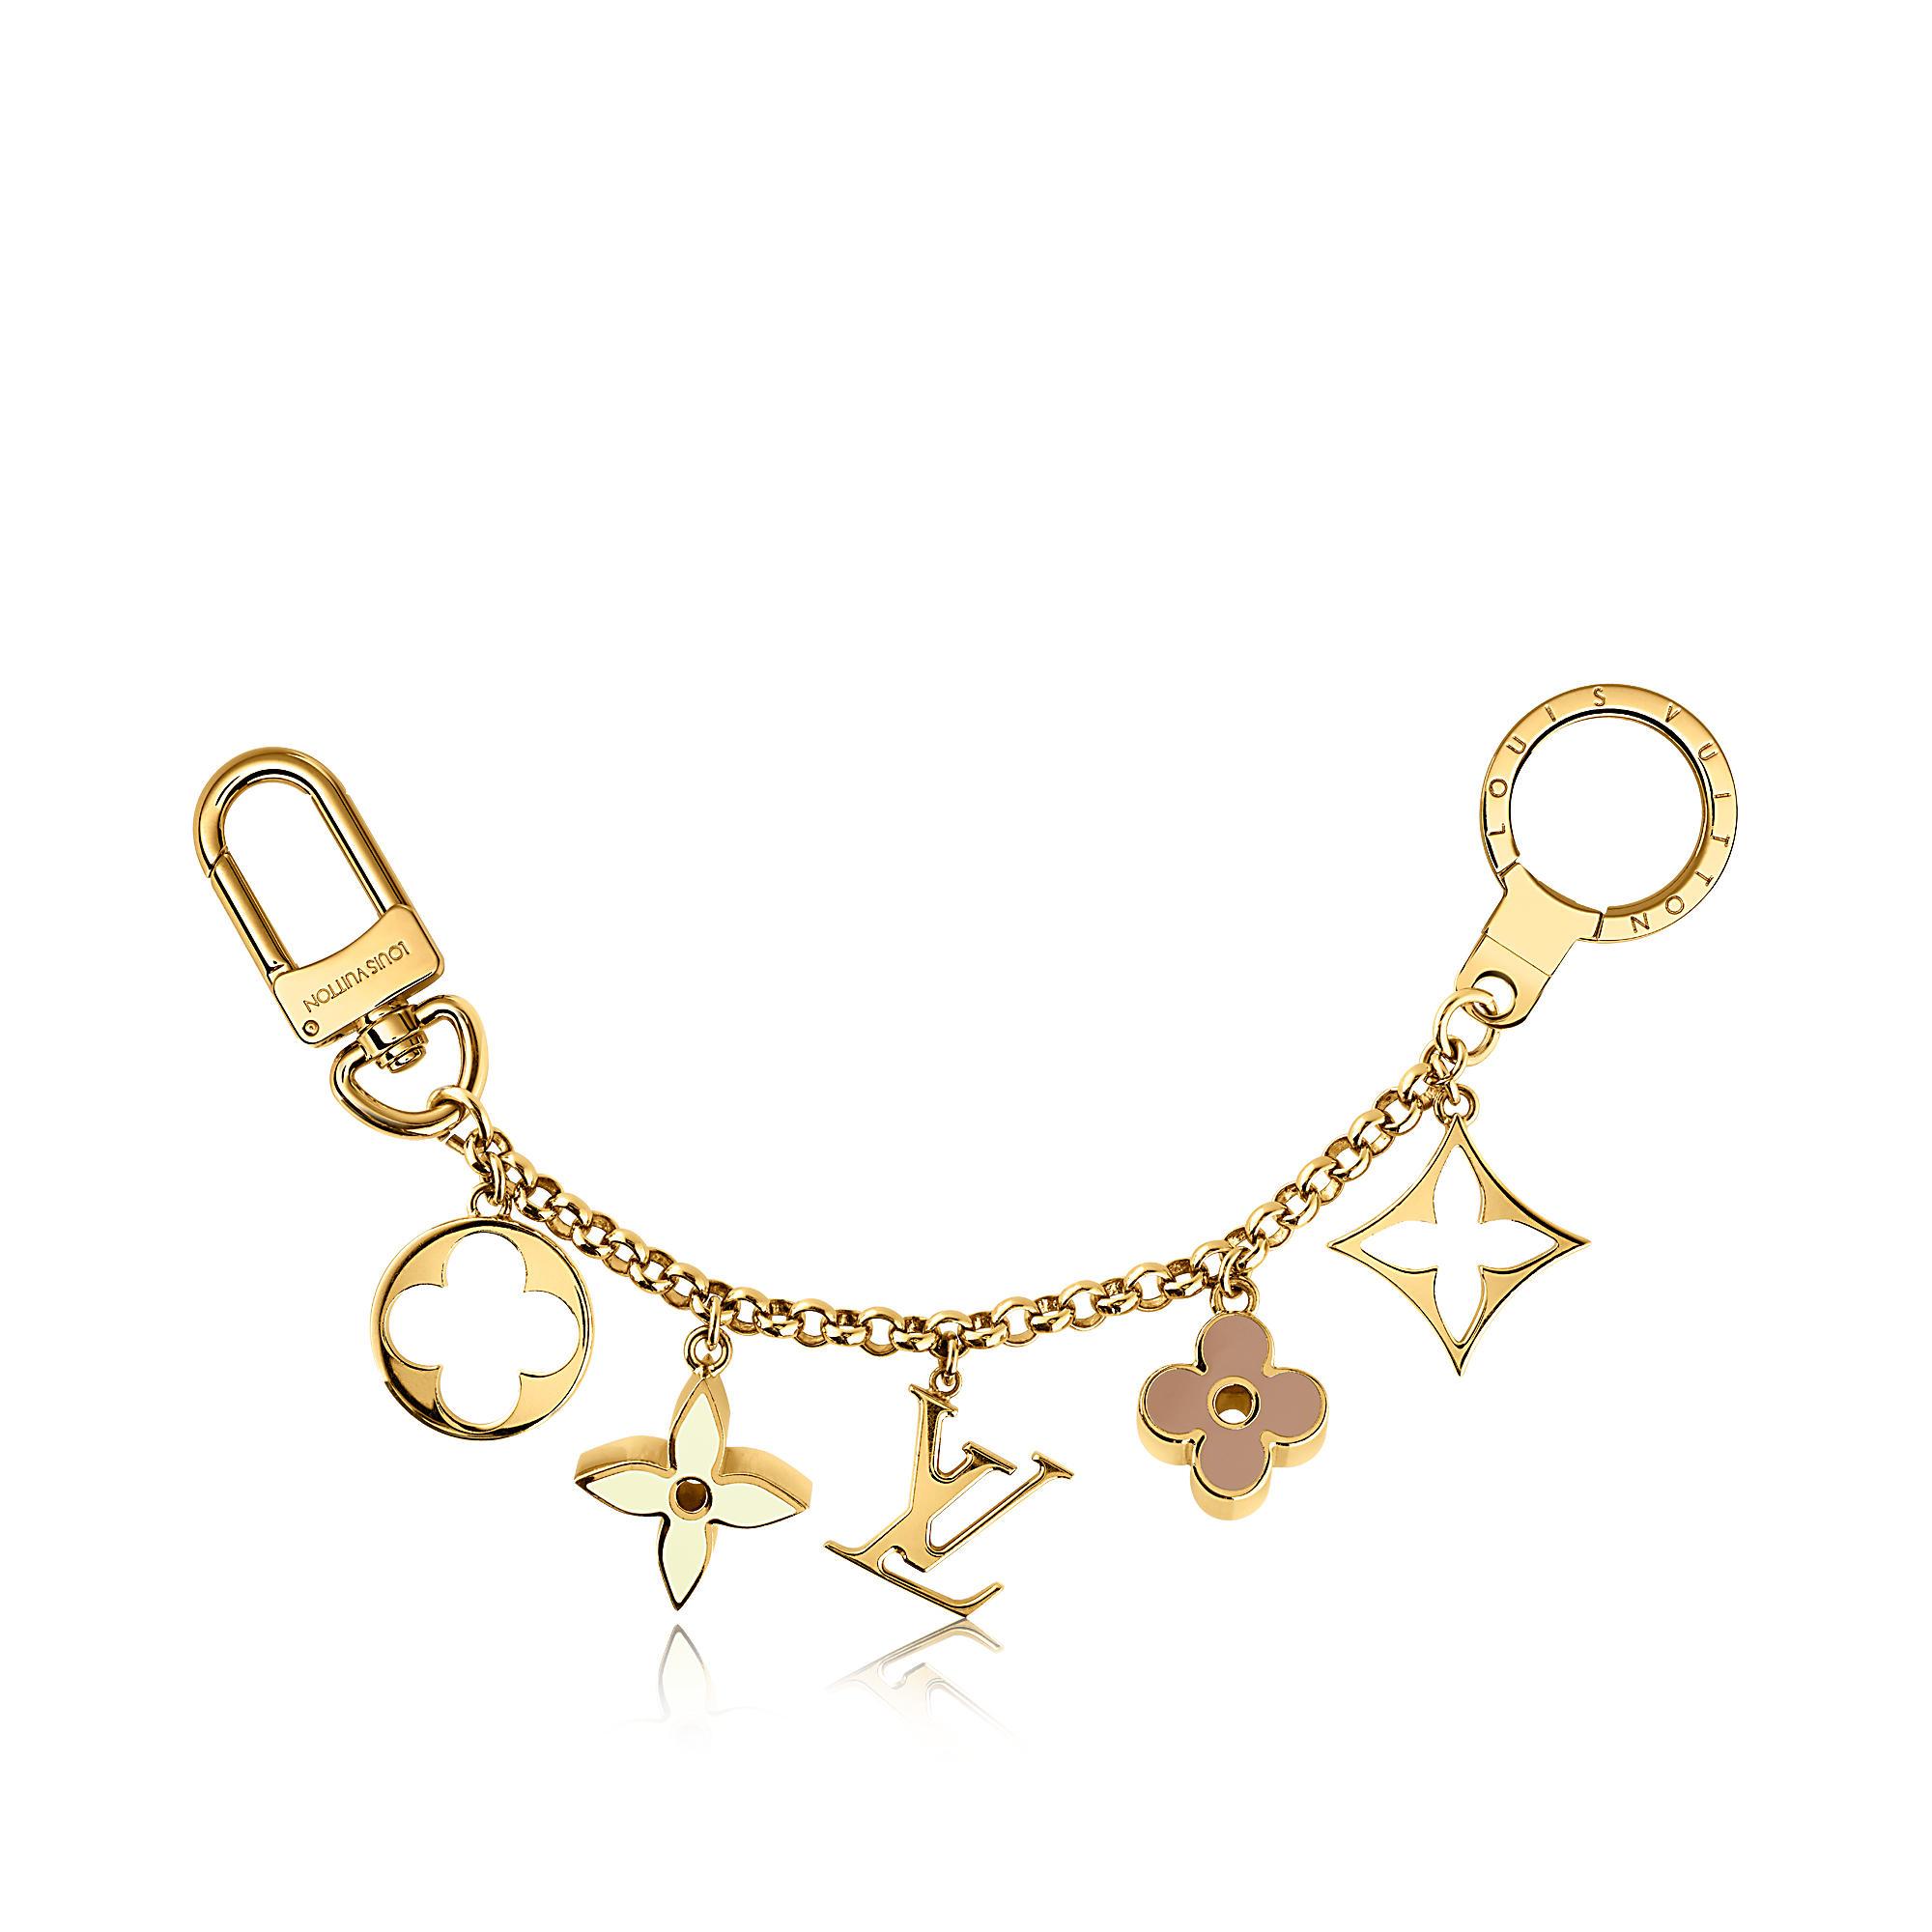 Louis Vuitton clipart gold Charms de Chain Bag Monogram